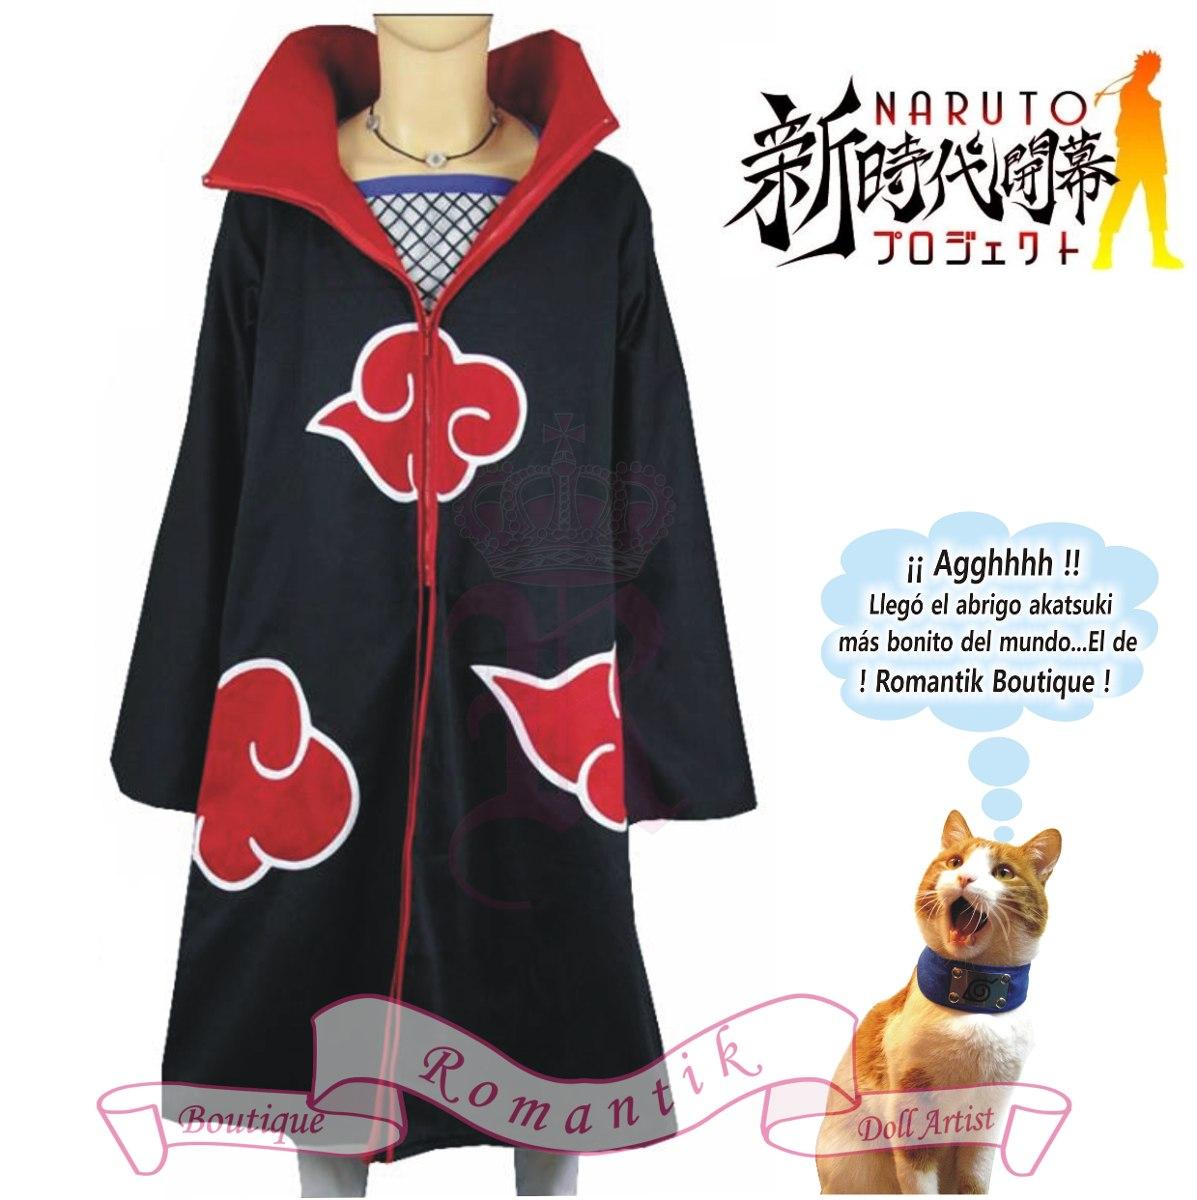 Capa Abrigo Akatsuki Itachi Cosplay Disfraces Anime Naruto ... cf77388d0d11